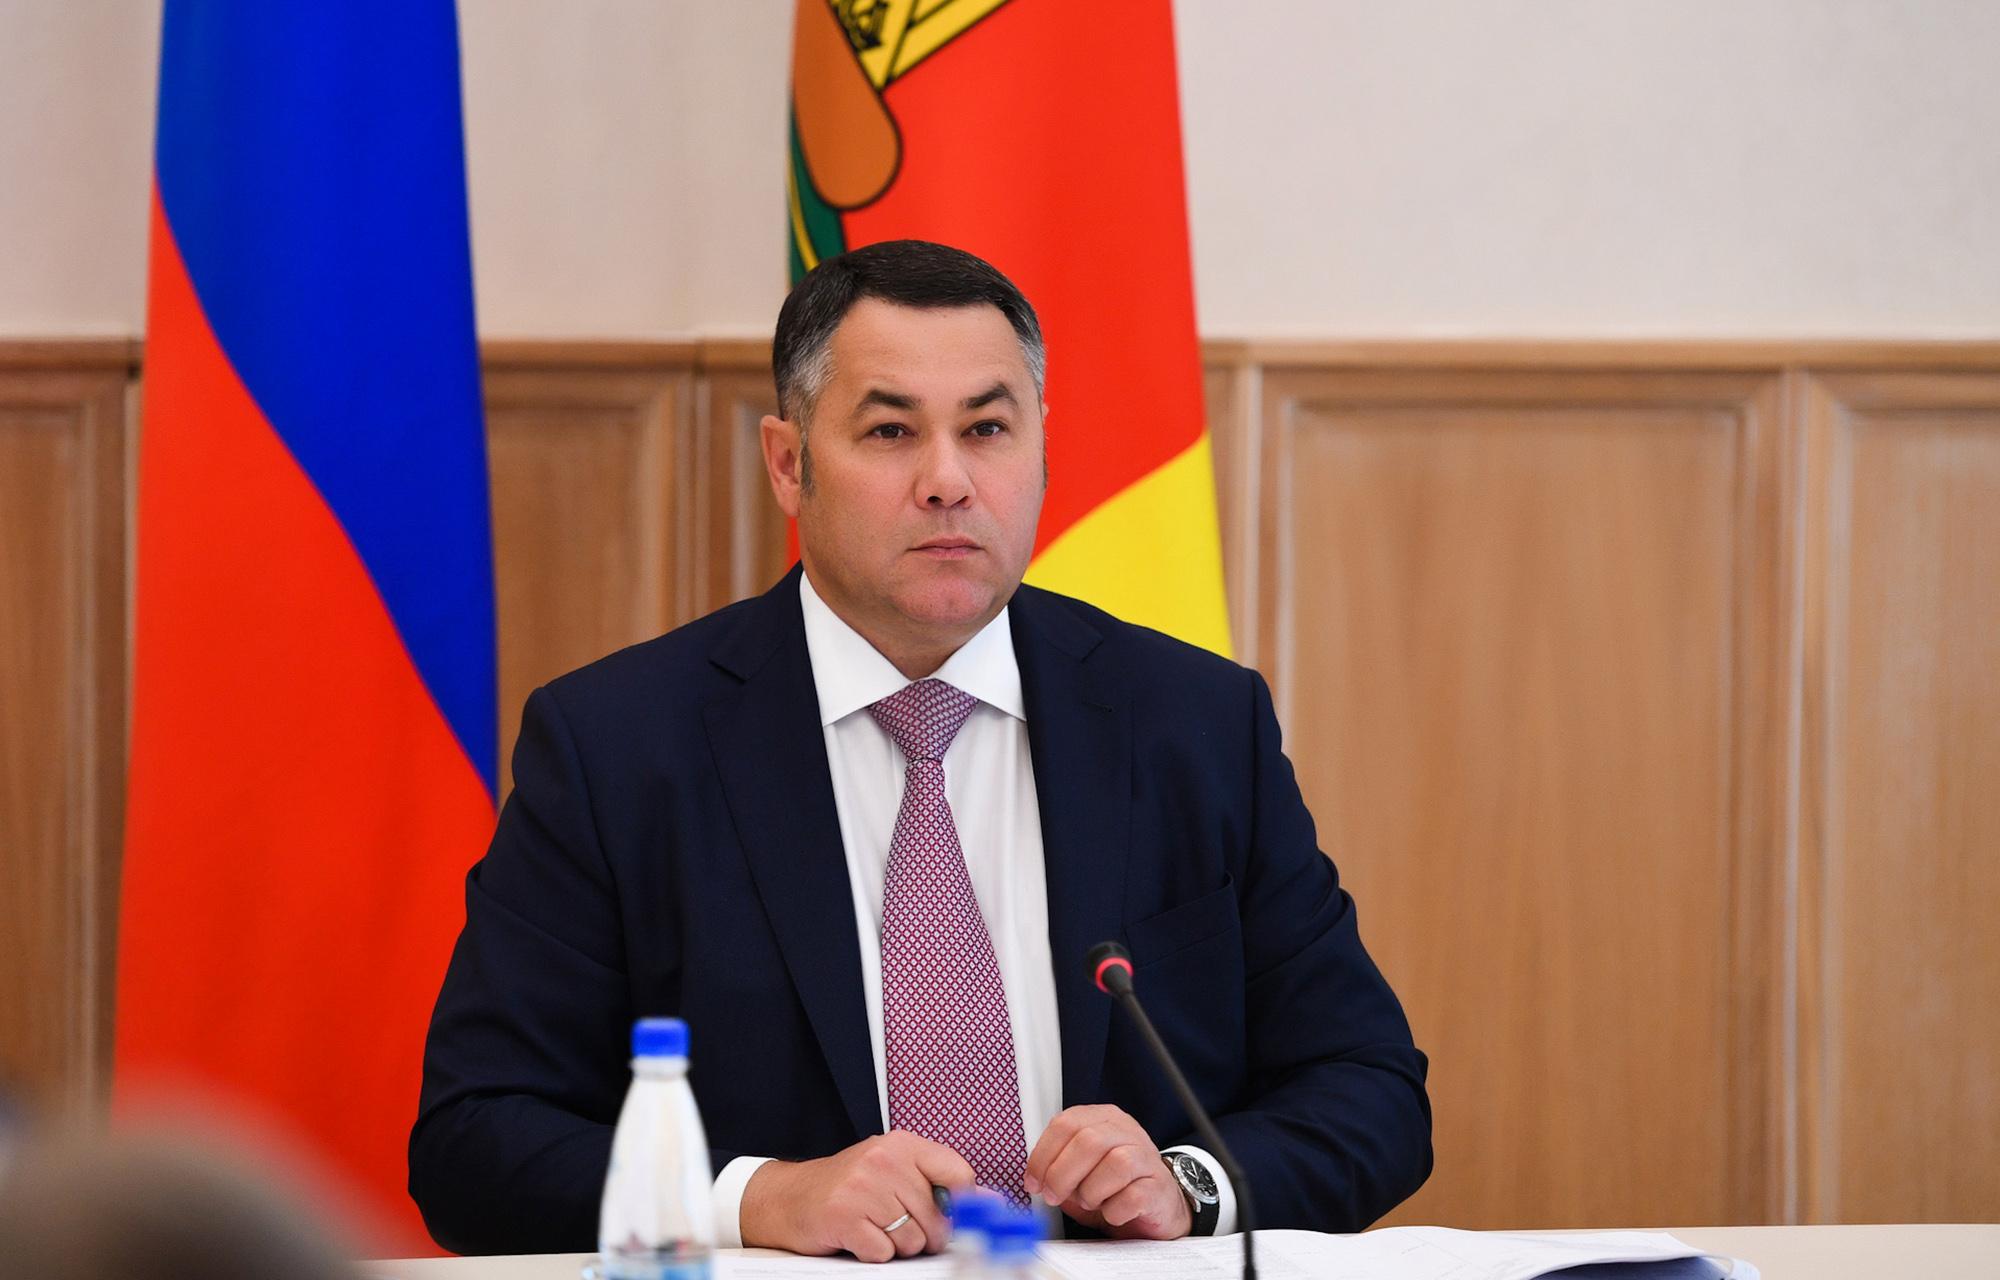 Игорь Руденя провел совещание с зампредами правительства Тверской области